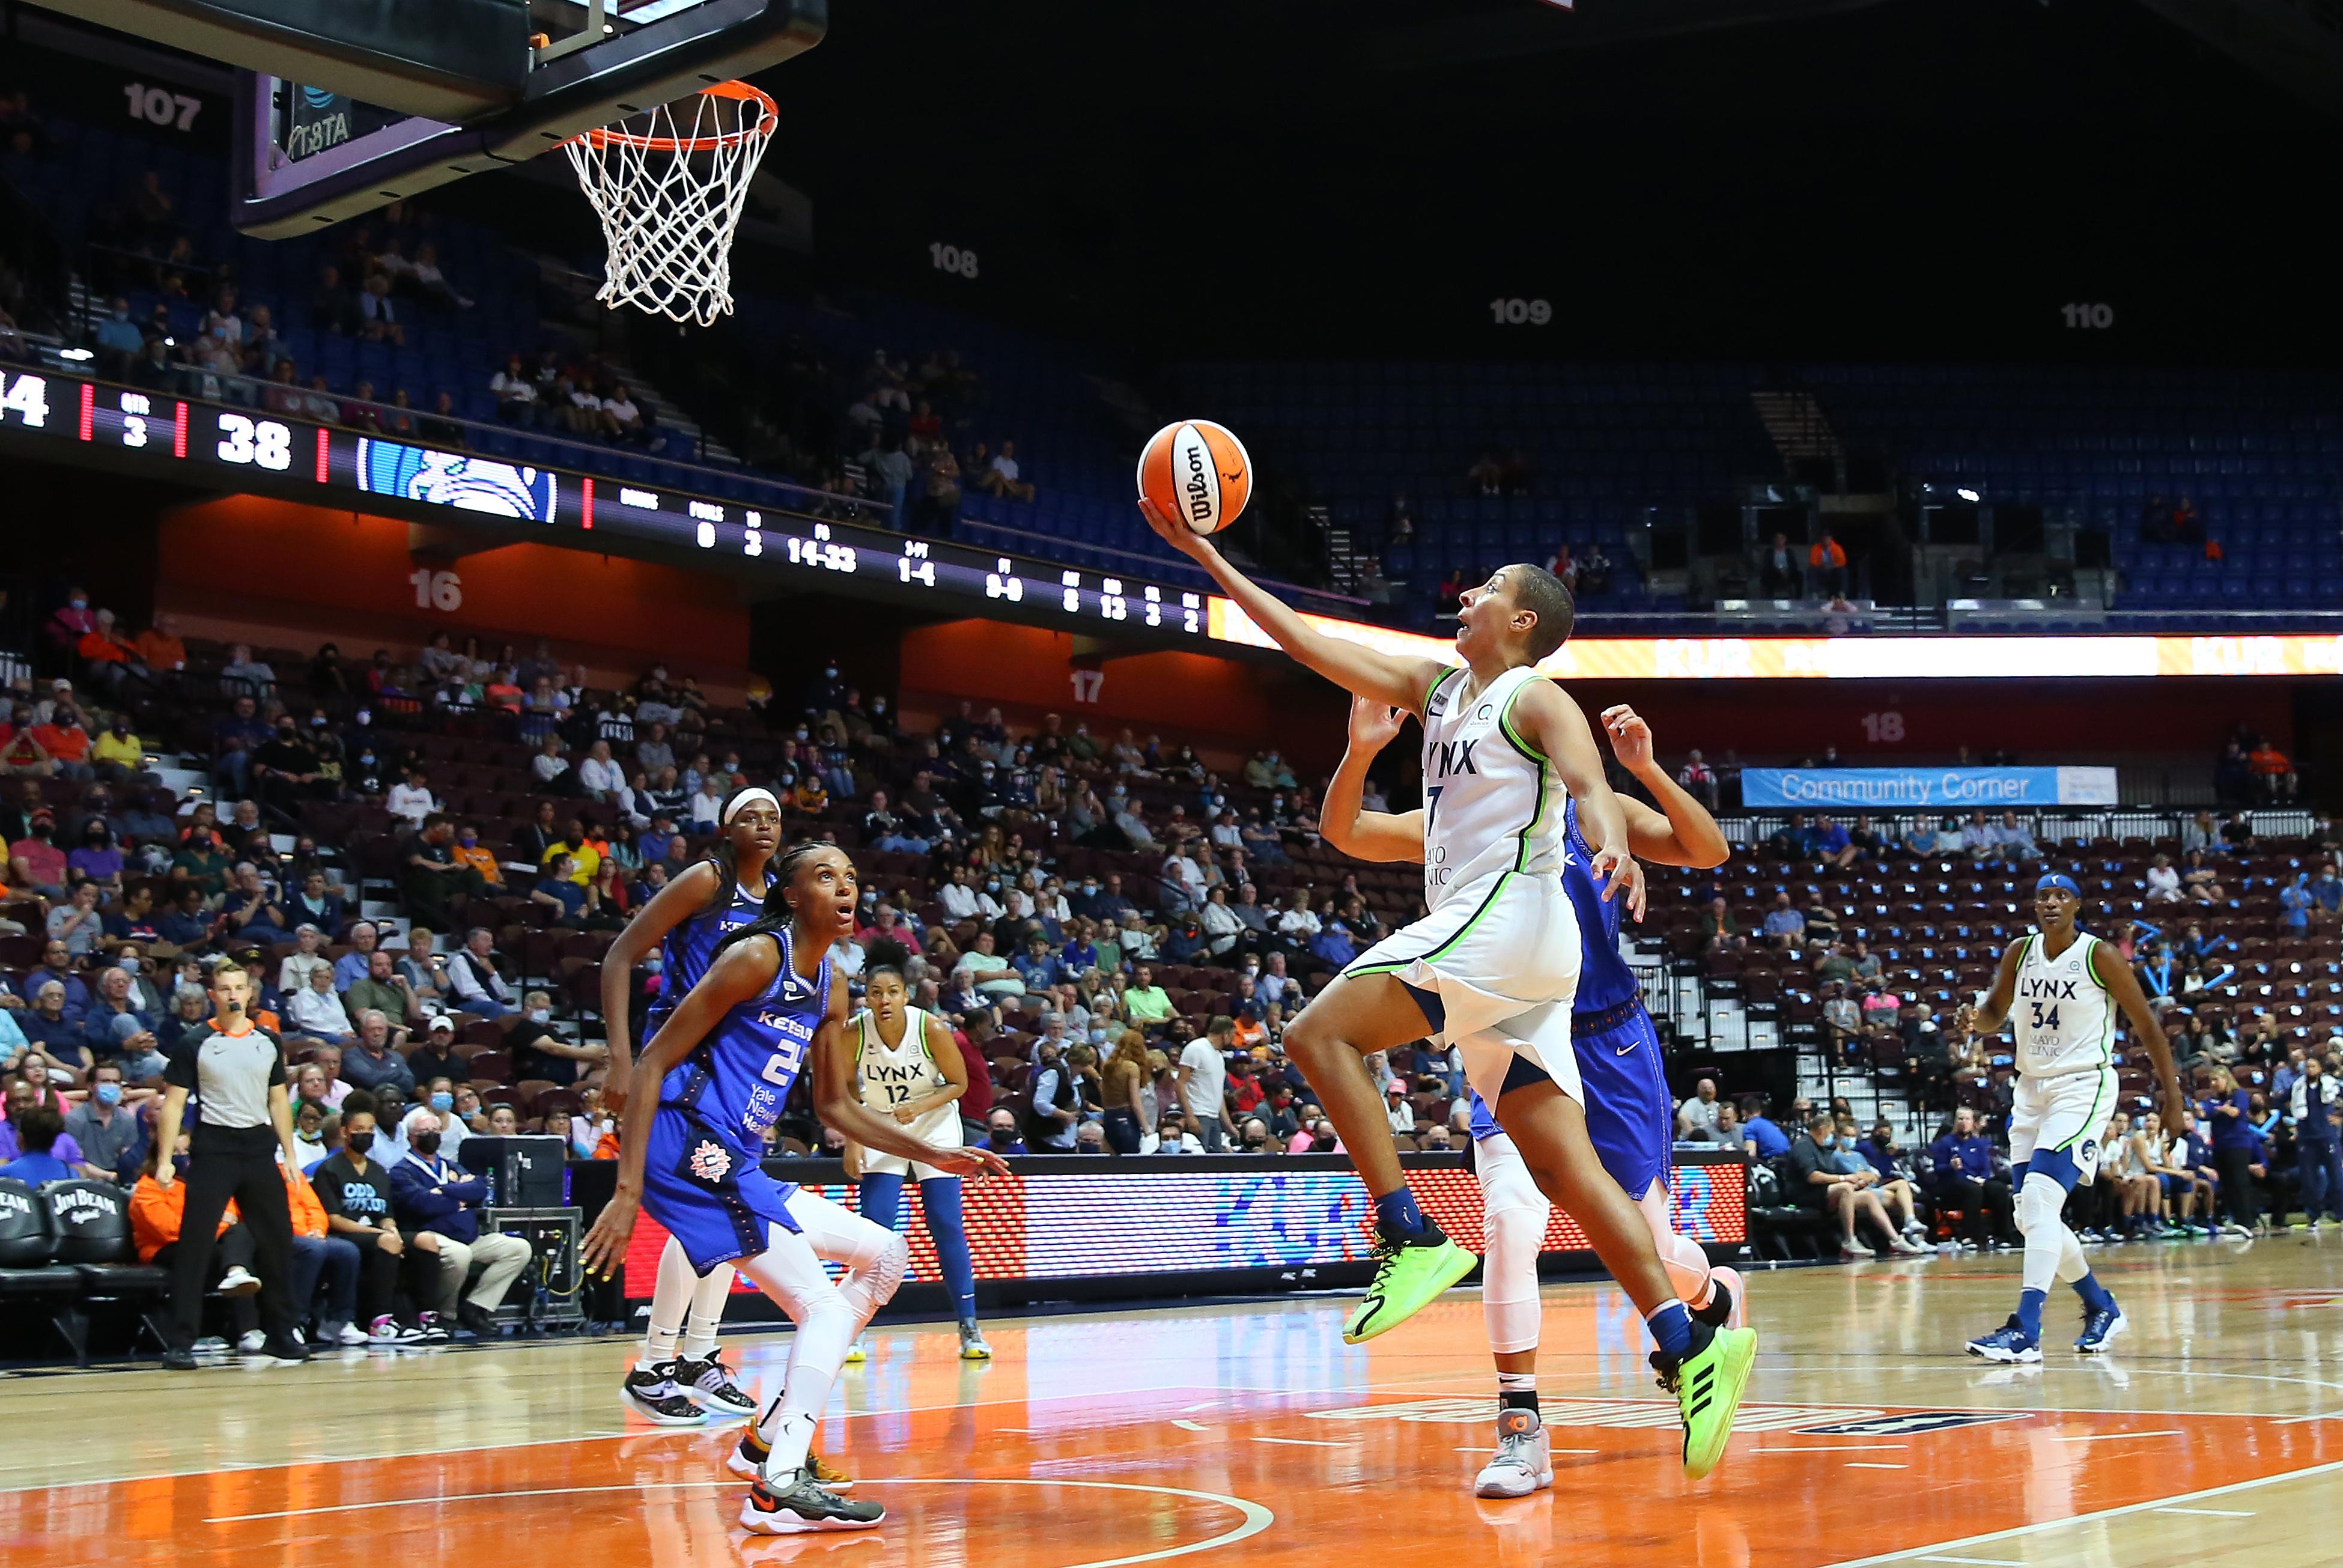 WNBA: AUG 19 Minnesota Lynx at Connecticut Sun